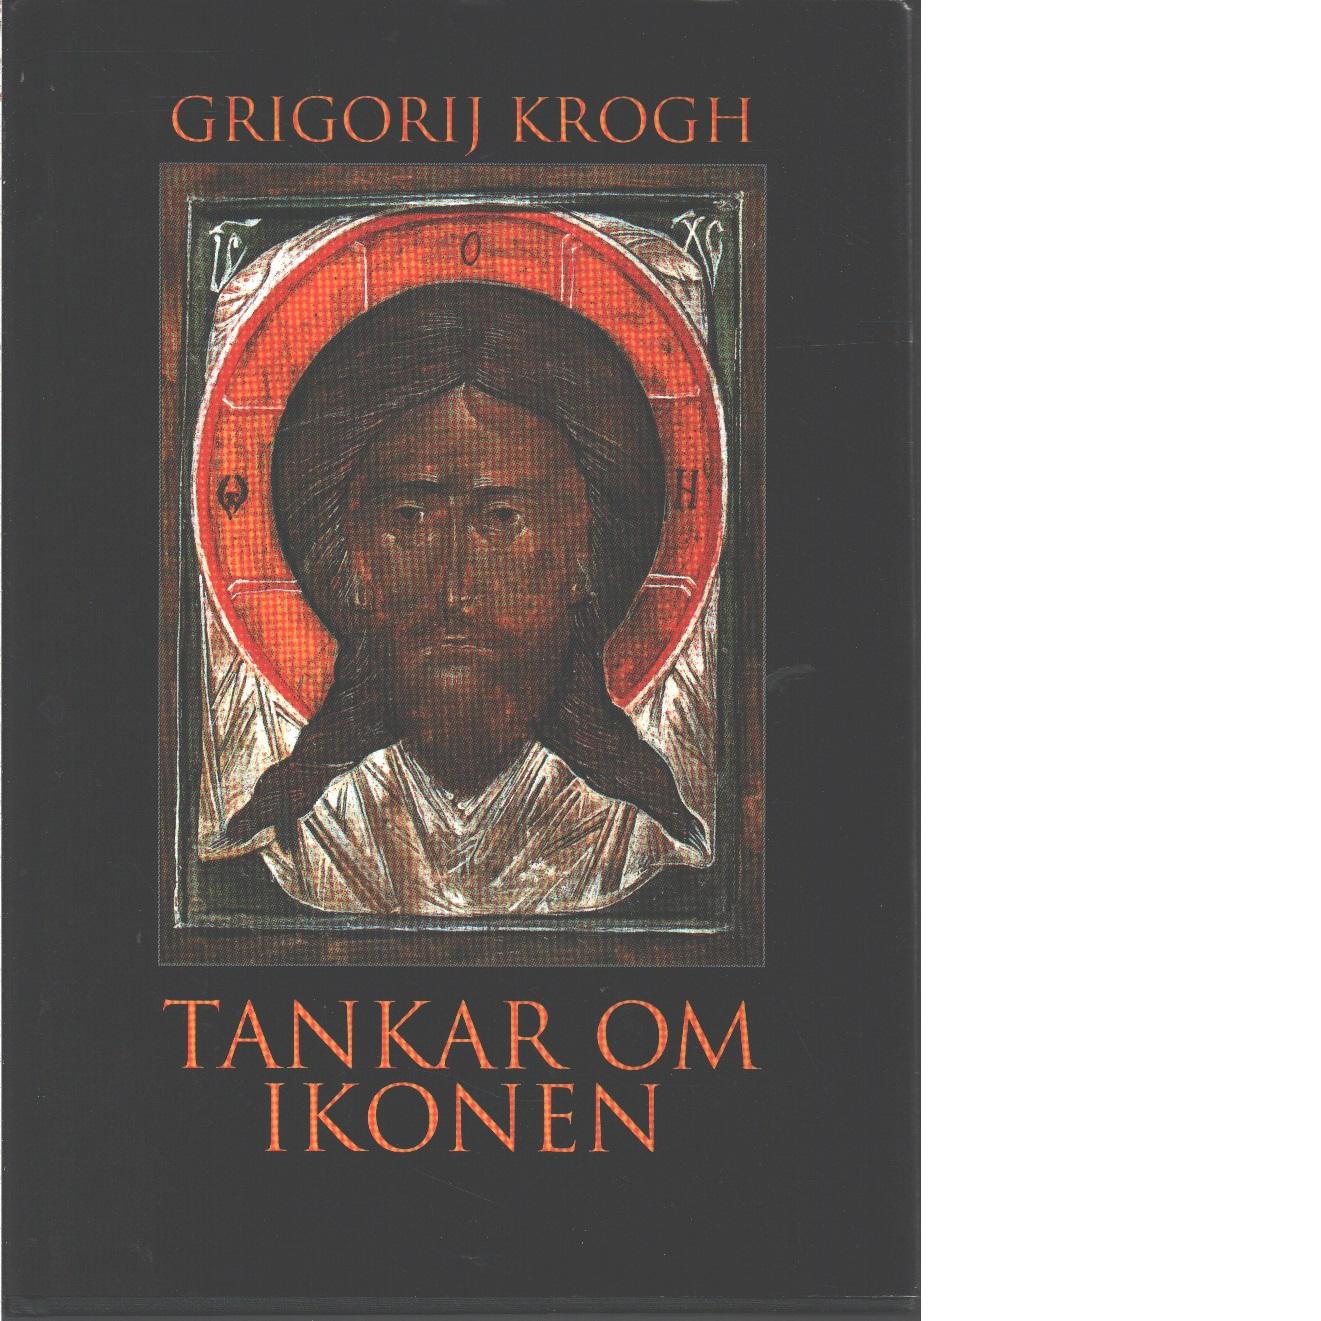 Tankar om ikonen - Krogh, Grigorij